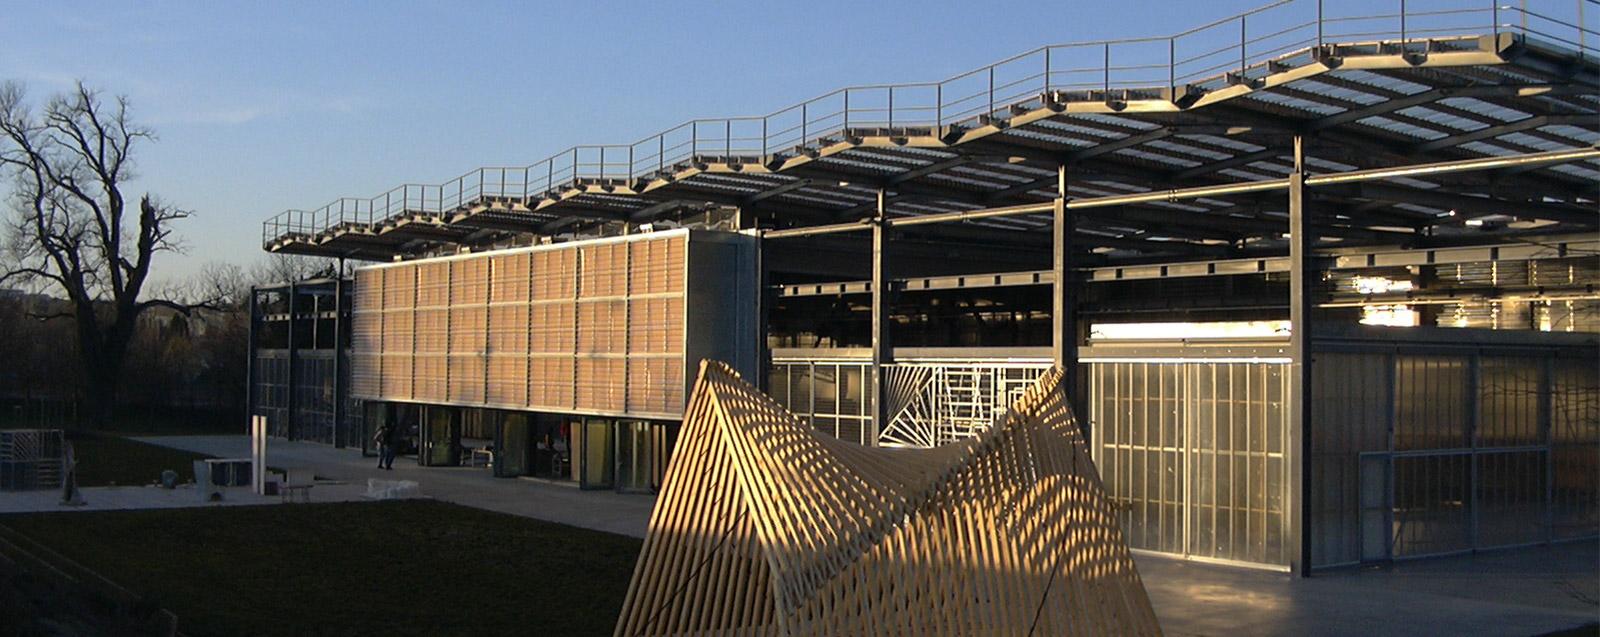 Les Grands Ateliers bâtiment extérieur